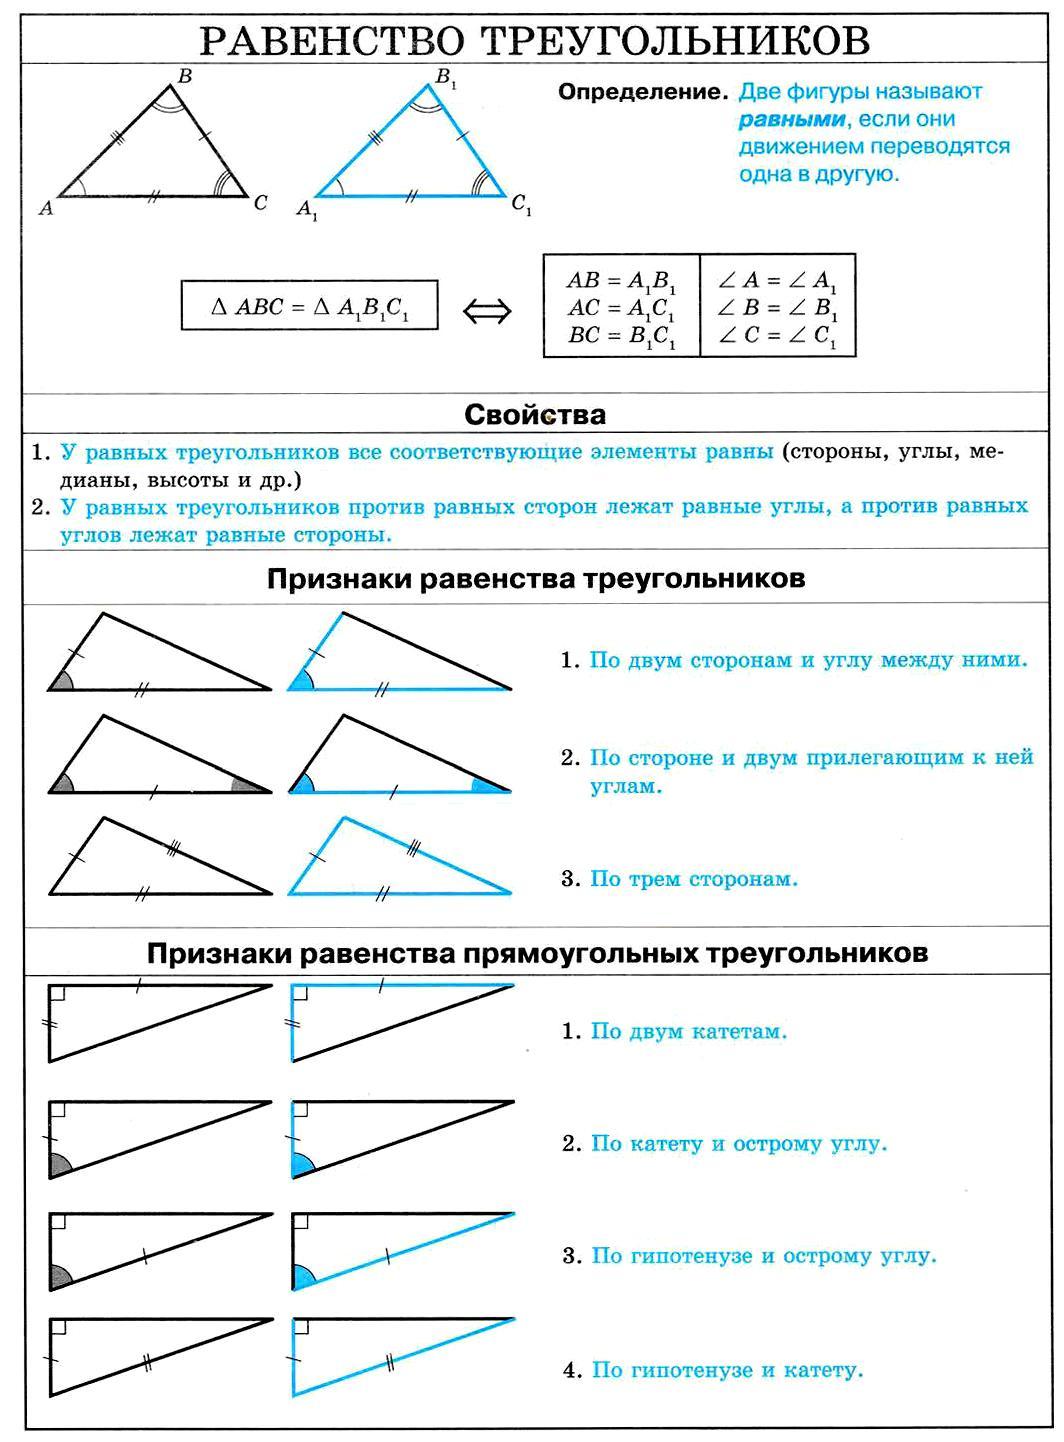 Подготовка школьников к егэ и огэ  (справочник по математике - планиметрия - общие касательные к двум окружностям)